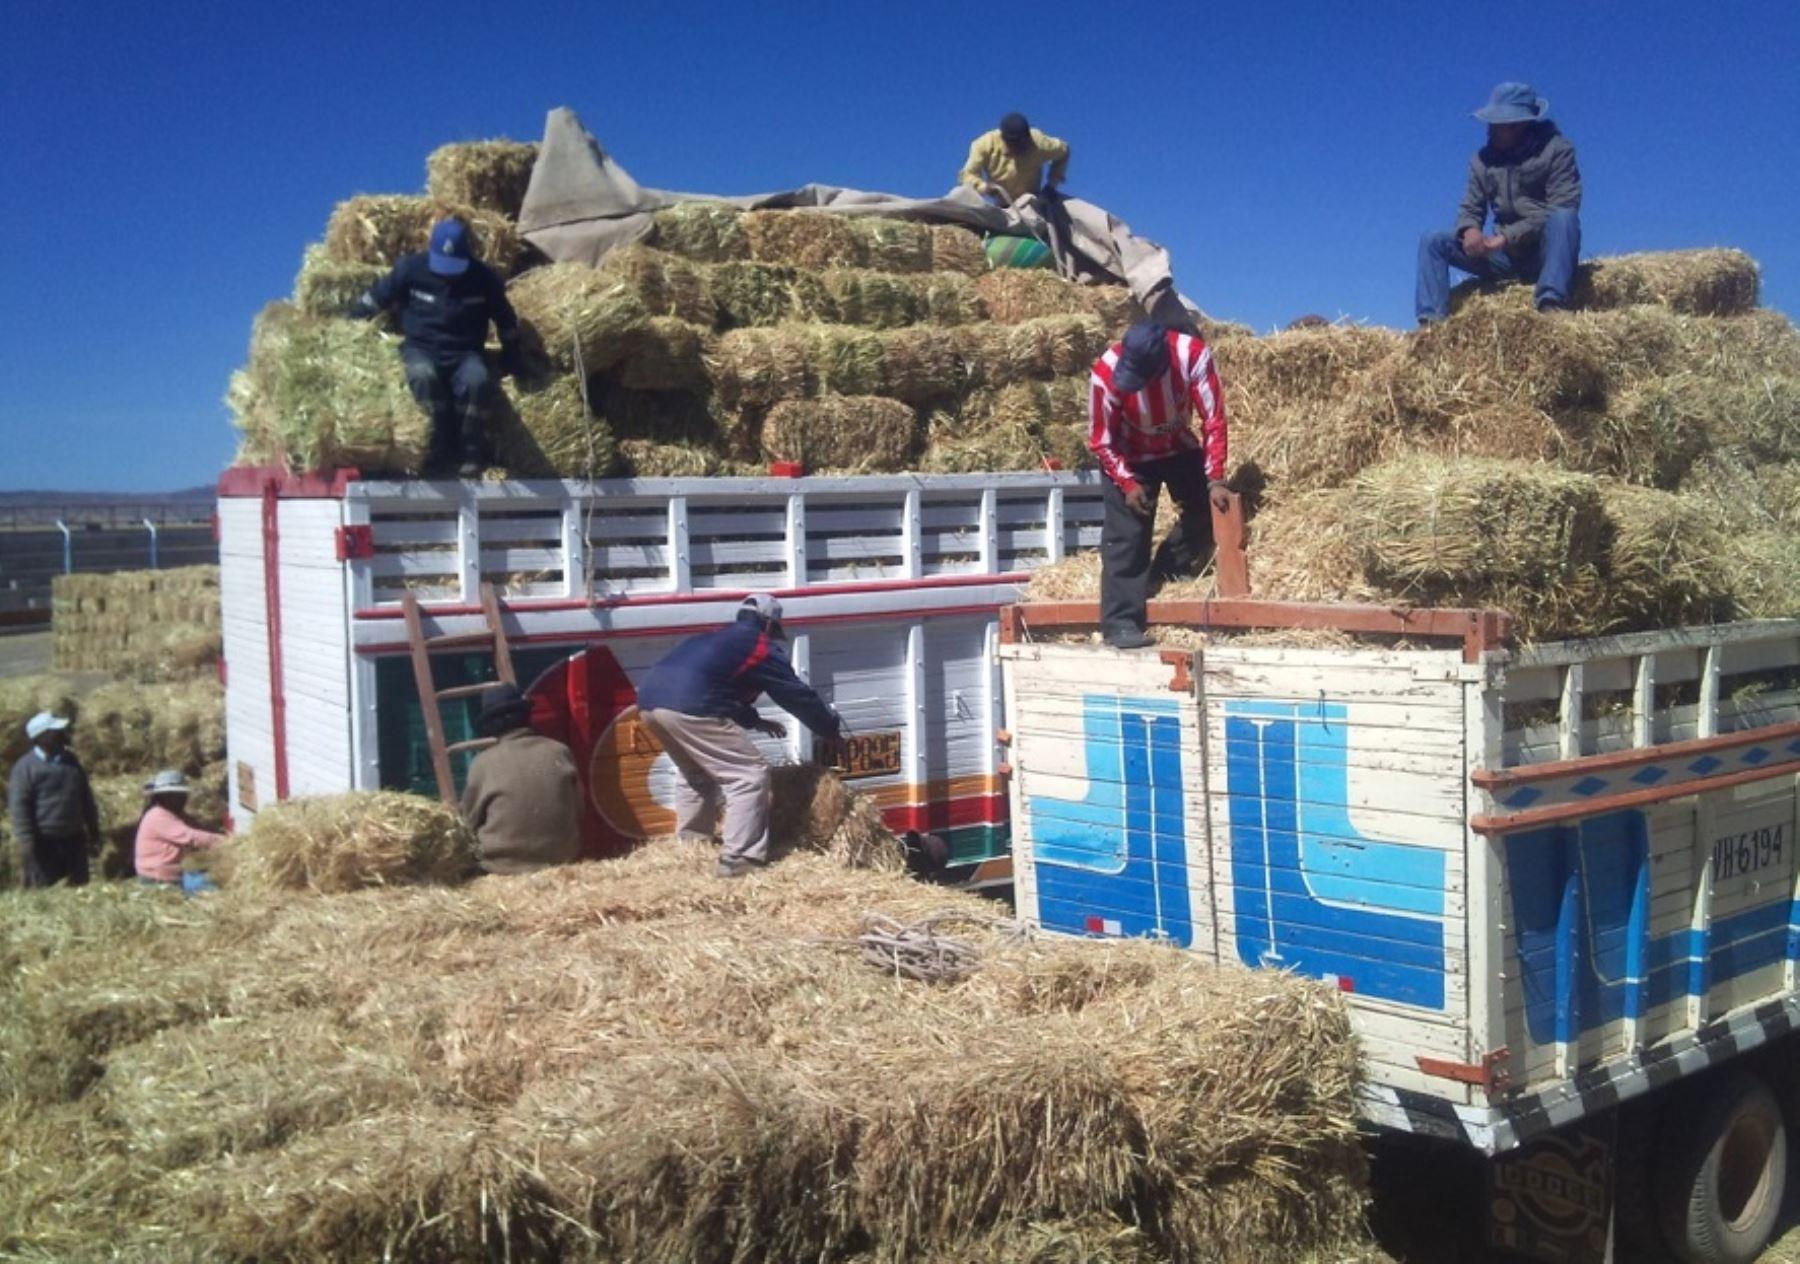 El Ministerio de Agricultura y Riego (Minagri) cuenta con más de 48,000 hectáreas de pastos cultivados para atender a más de 700,000 animales, que además recibirán antibióticos y otros productos veterinarios, como parte del Plan Multisectorial ante las Heladas y Friaje 2018, sostuvo hoy su titular Gustavo Mostajo. ANDINA/Difusión